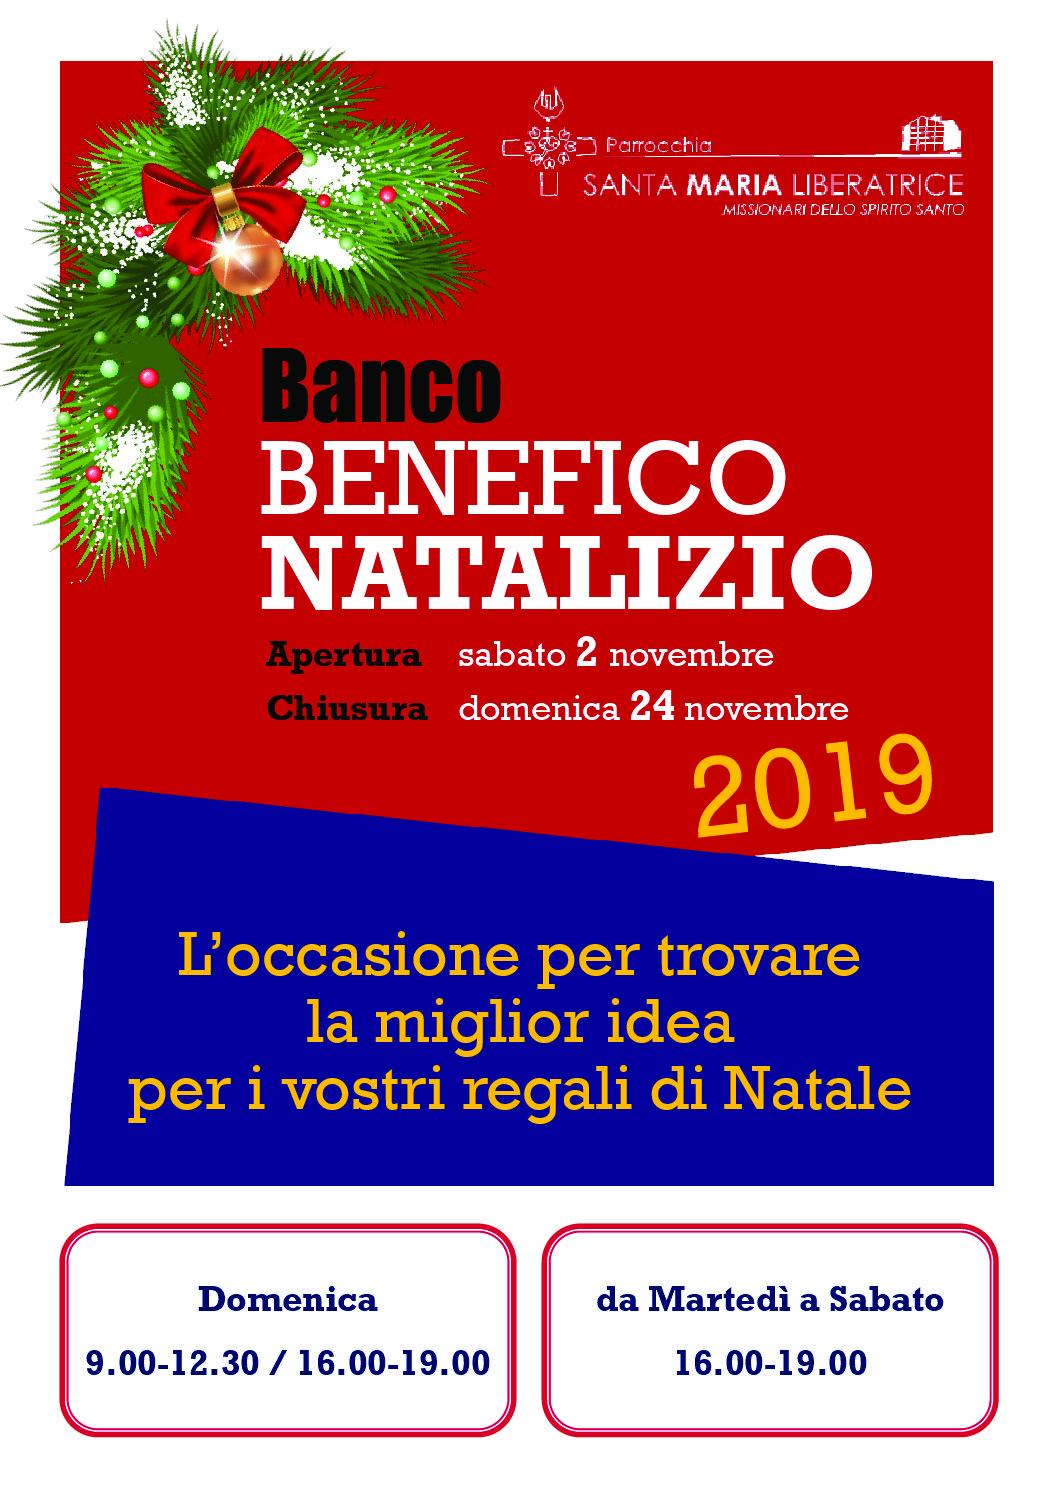 Banco Benefico Natalizio